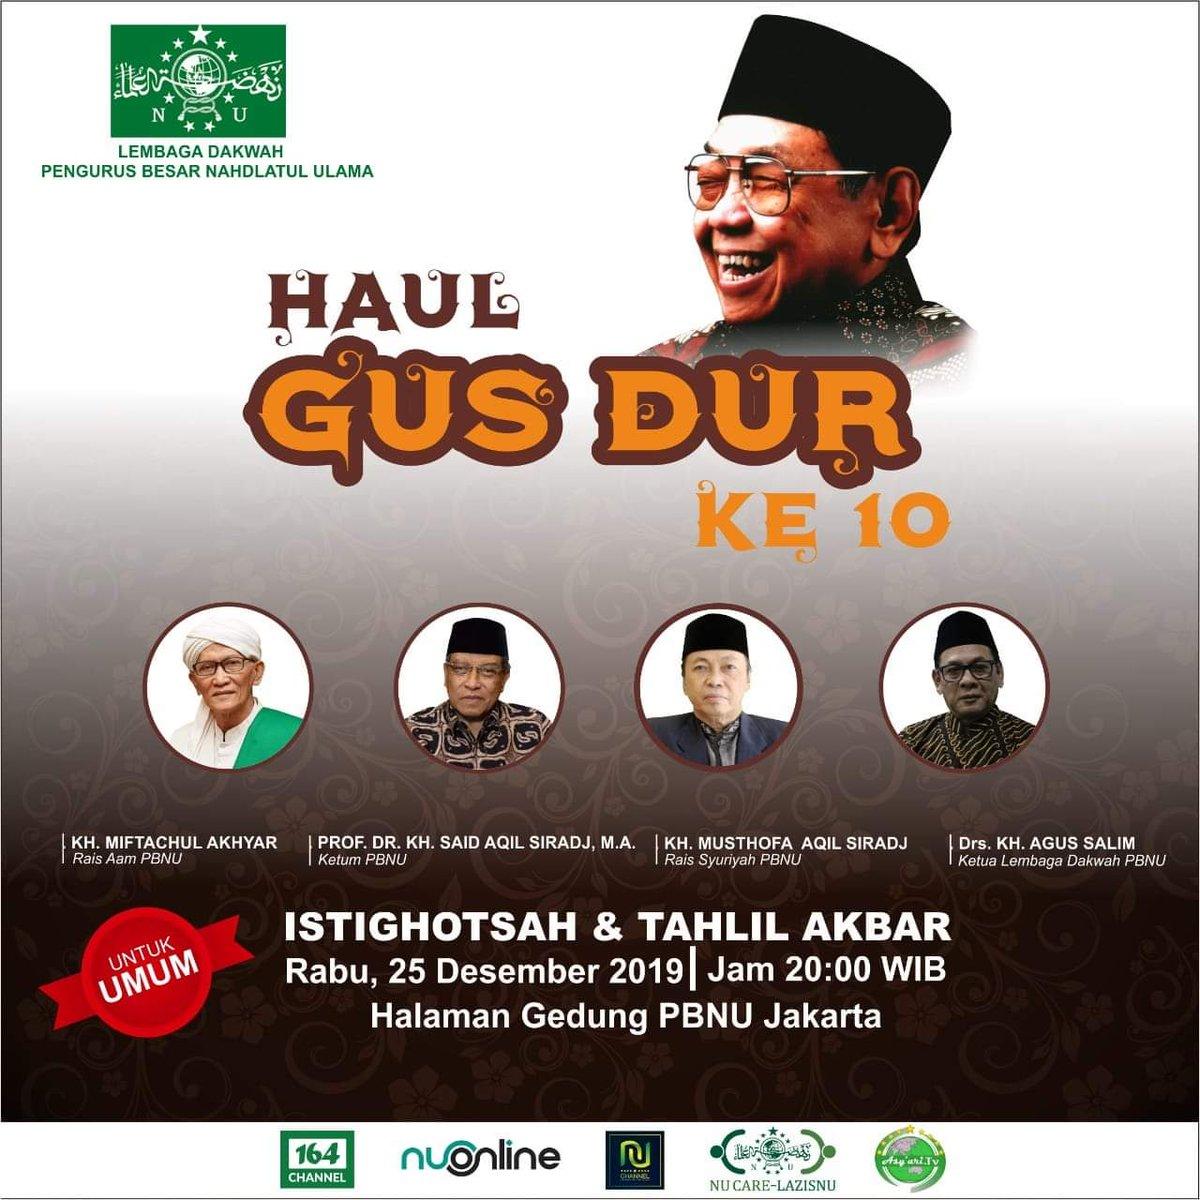 *Haul GusDur di Halaman Gedung PBNU, Malam Kamis Besok*pic.twitter.com/eh0UovH6u0